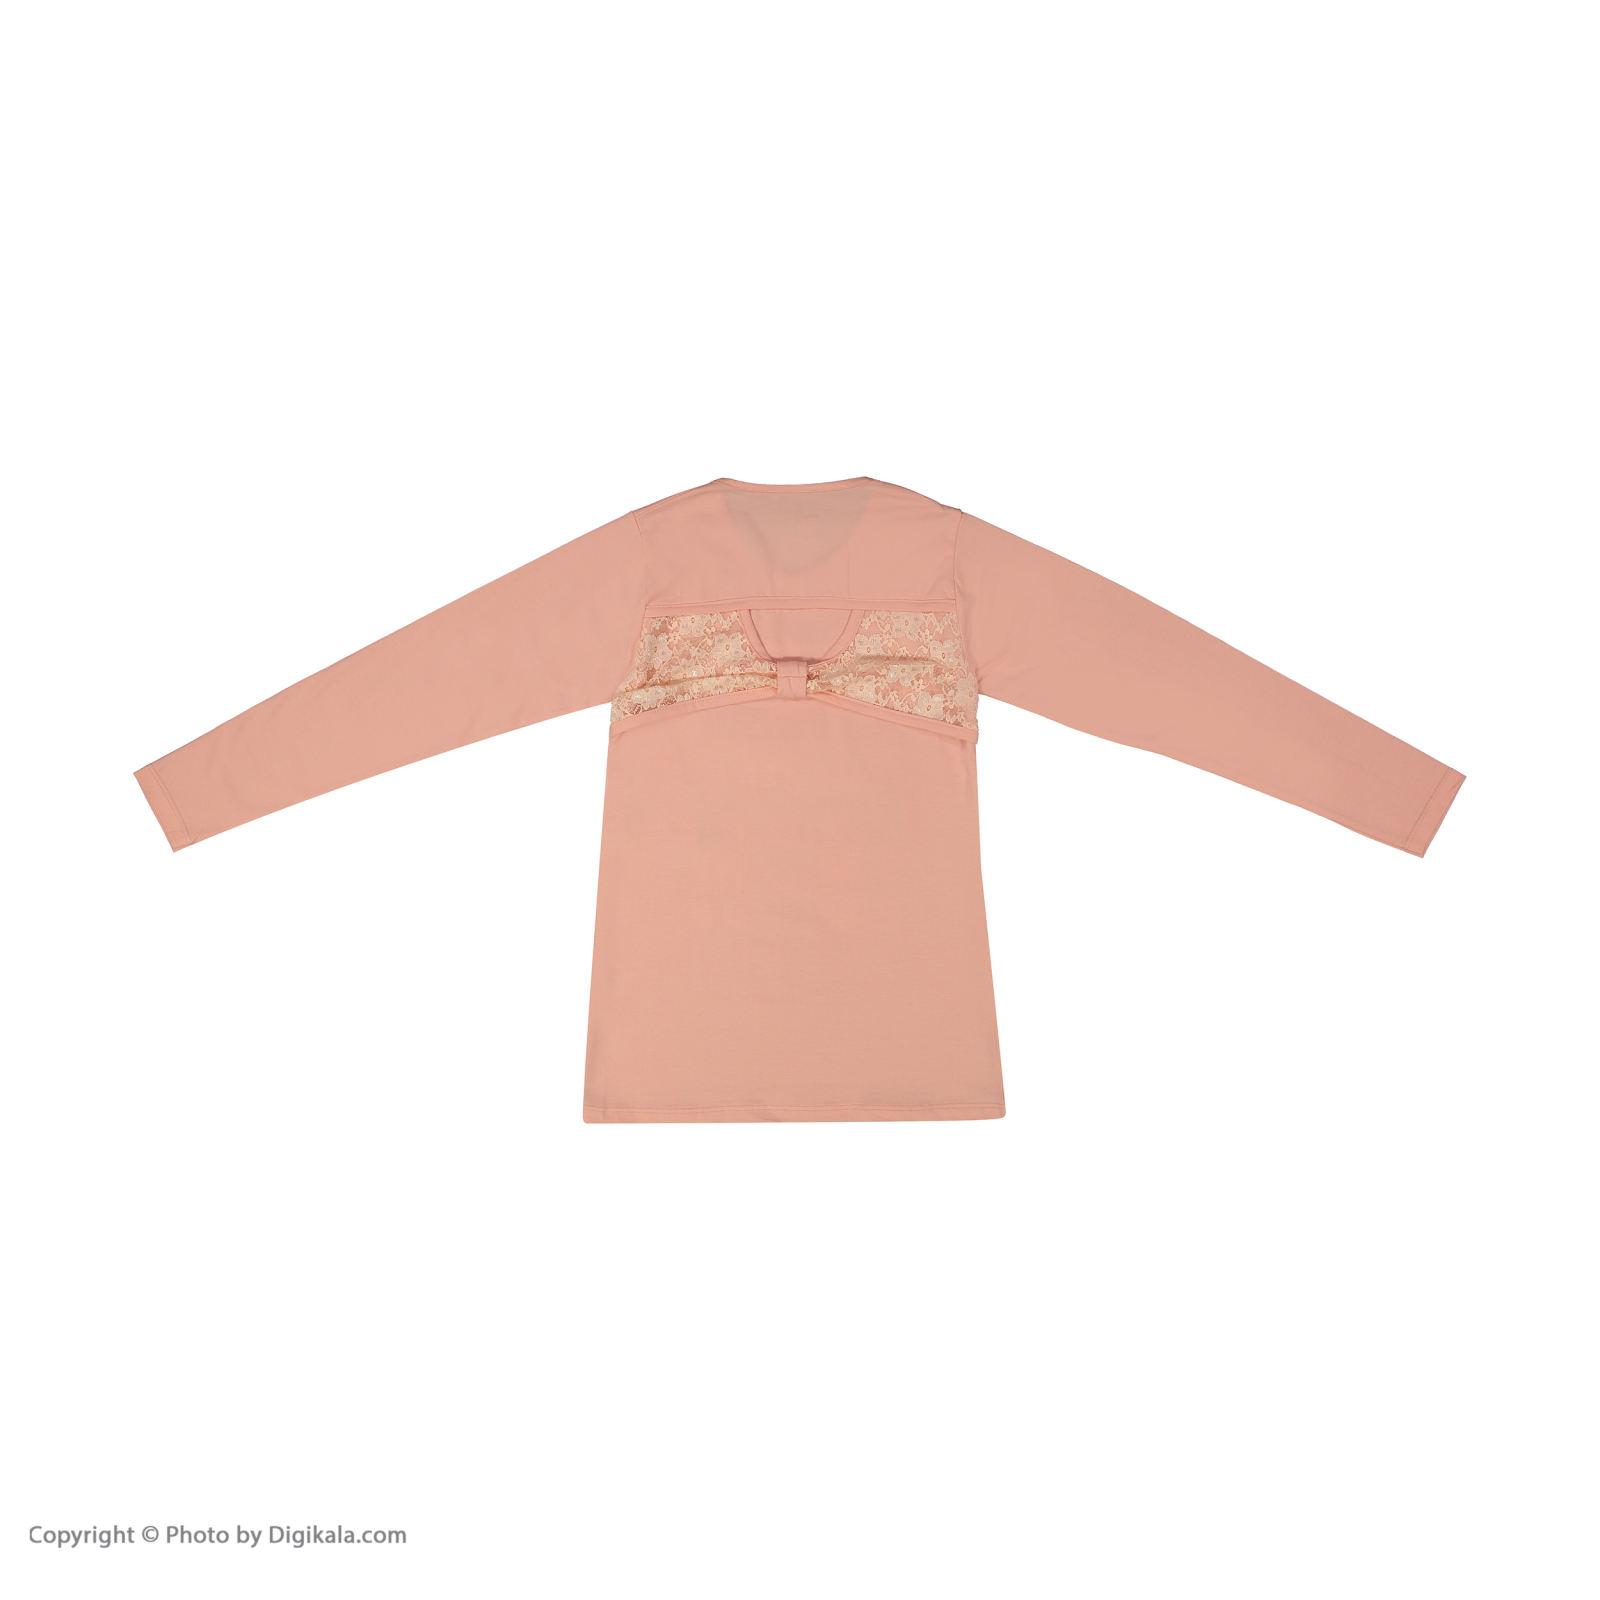 تی شرت دخترانه سون پون مدل 1391353-84 -  - 4